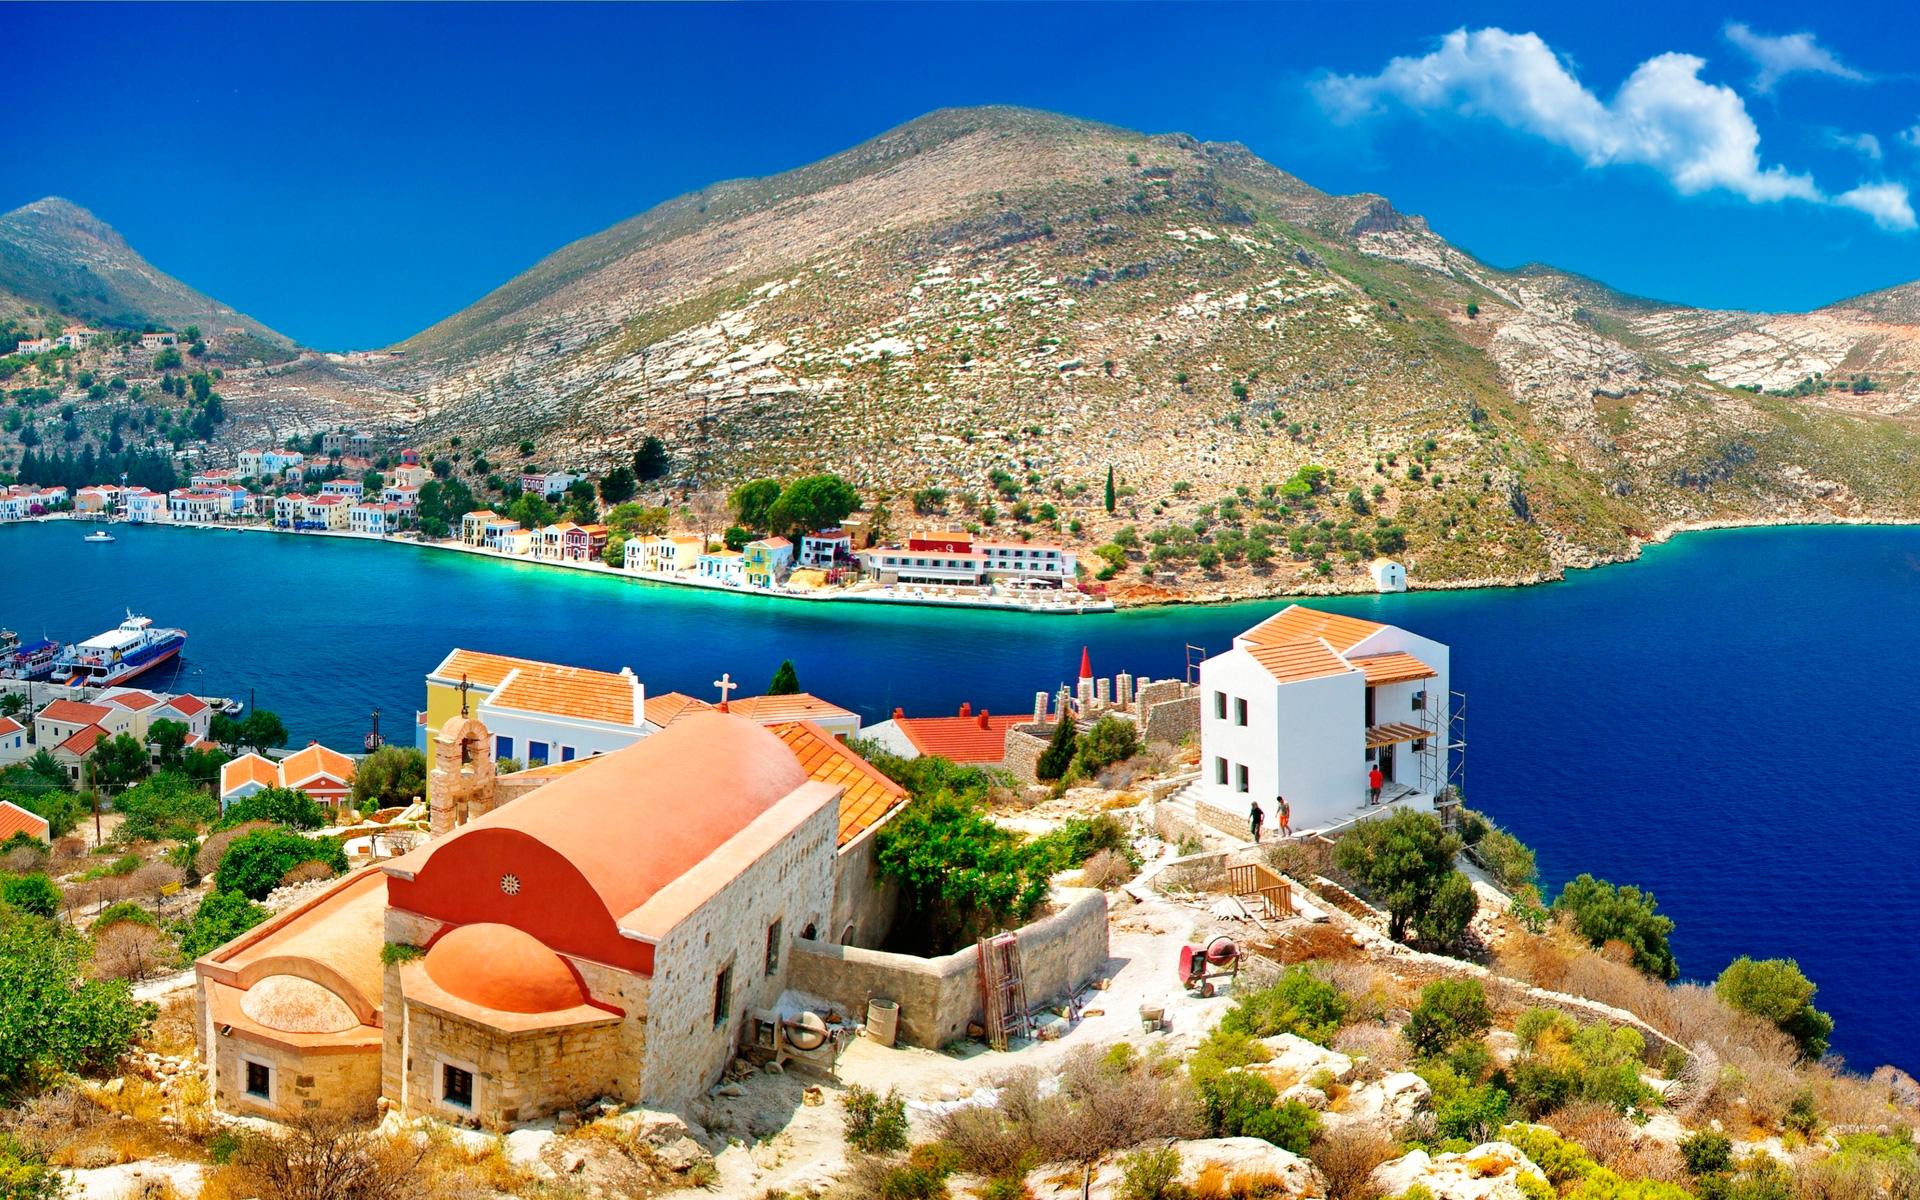 Горящие туры на Крит из Санкт-Петербурга